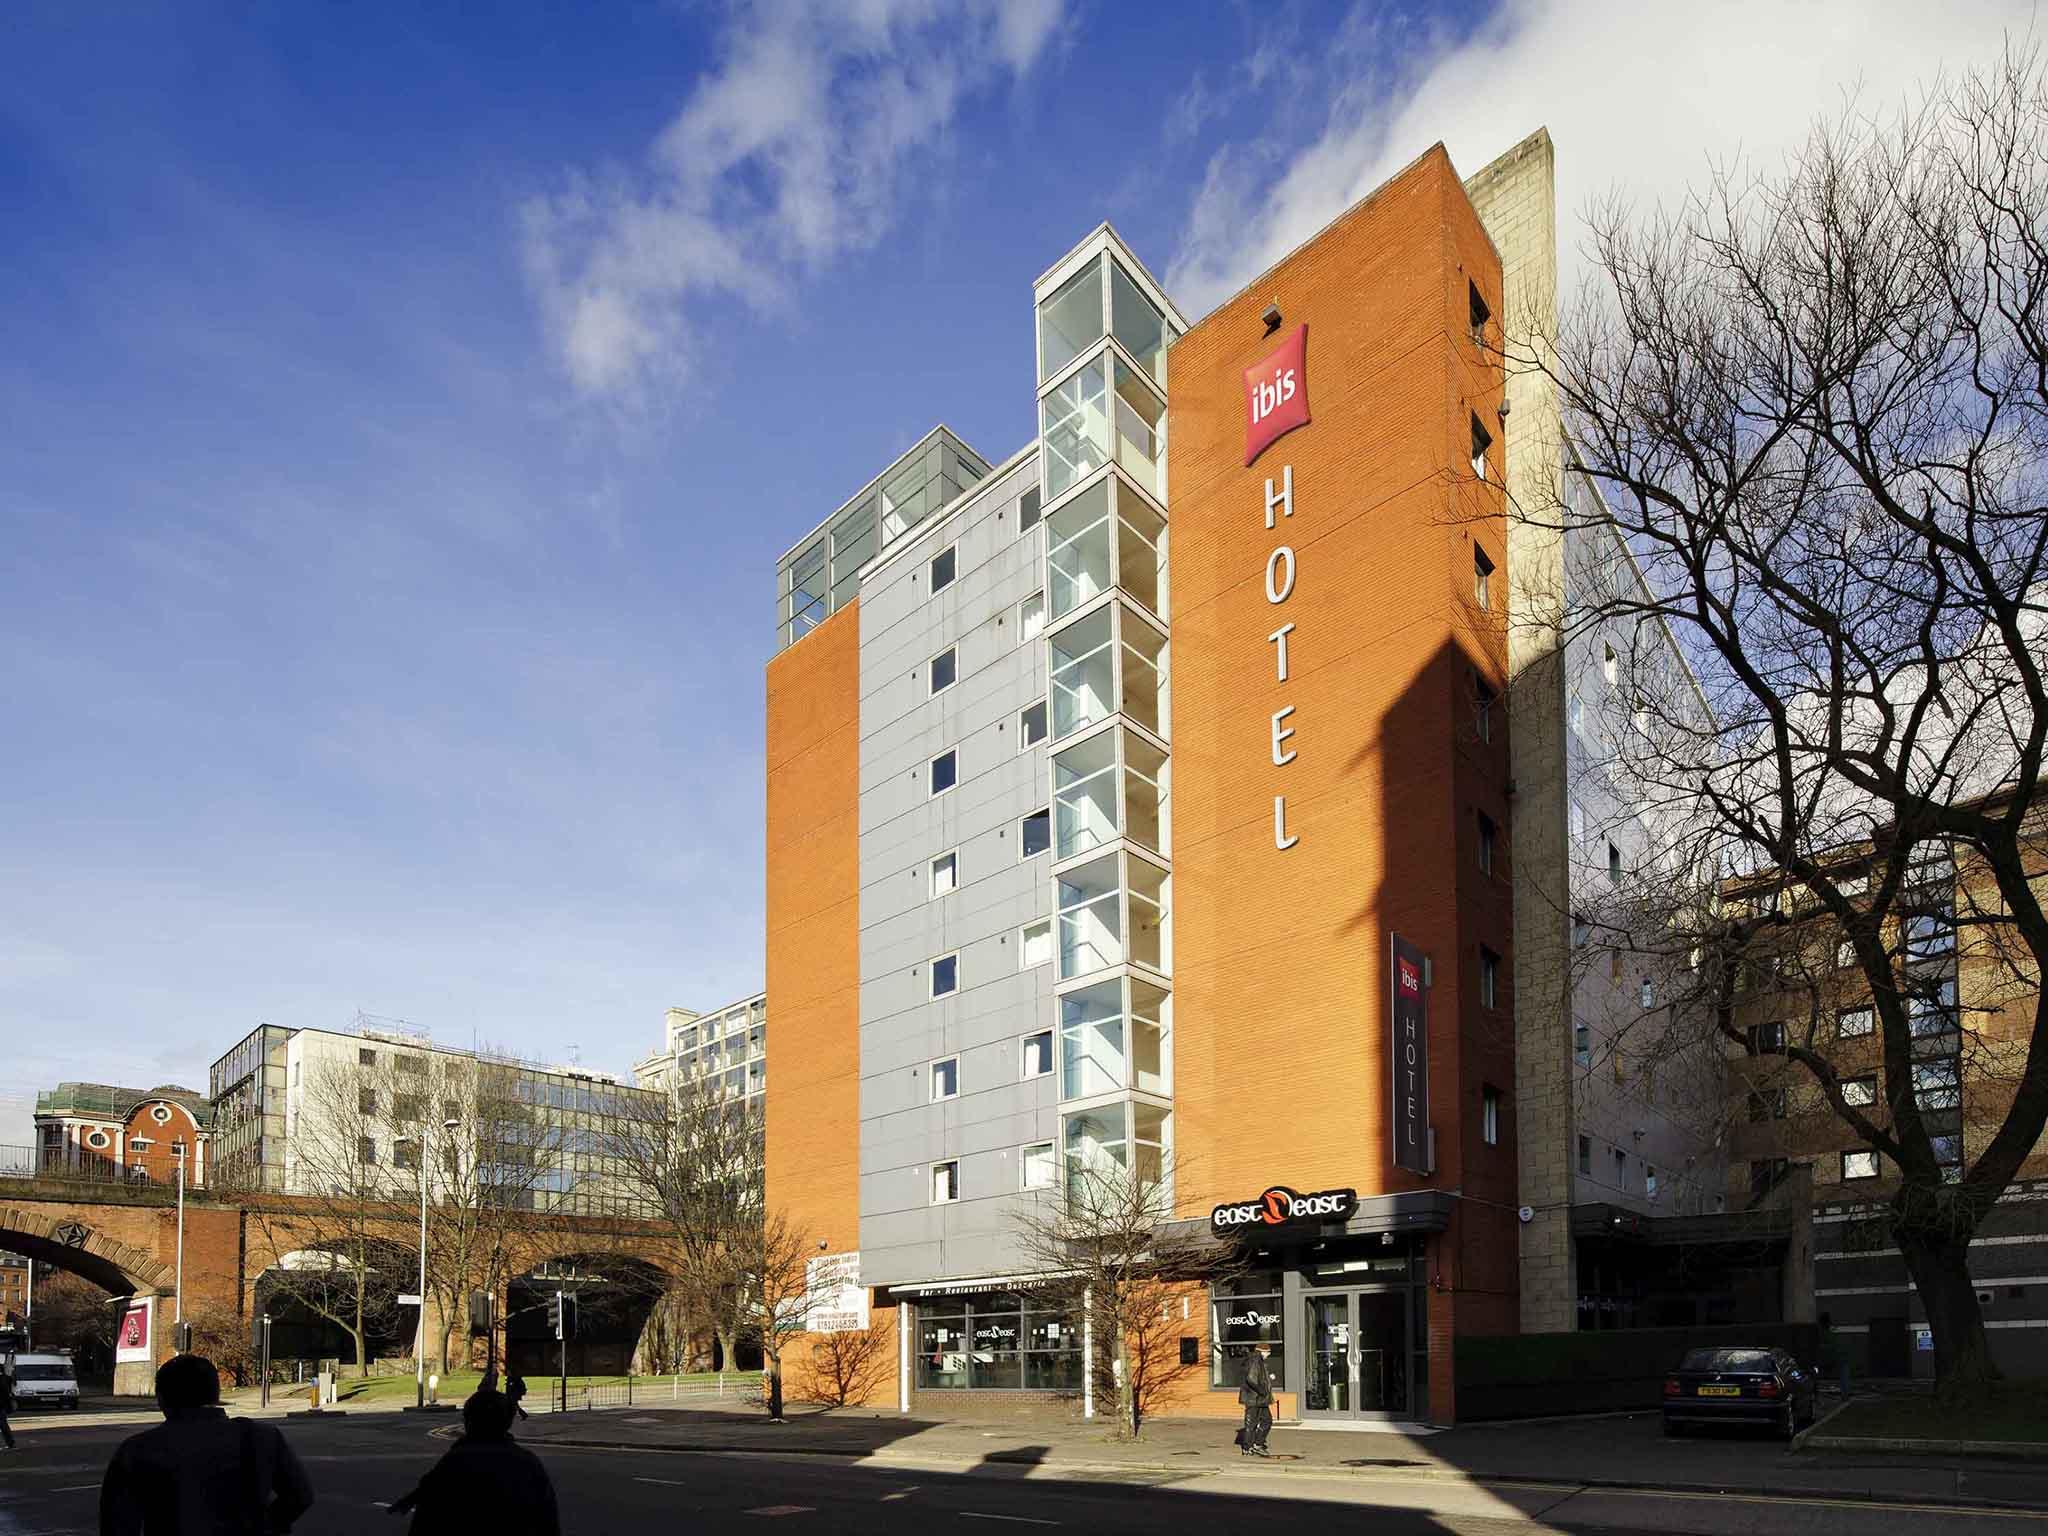 فندق - ibis Manchester Centre Princess Street (new ibis rooms)